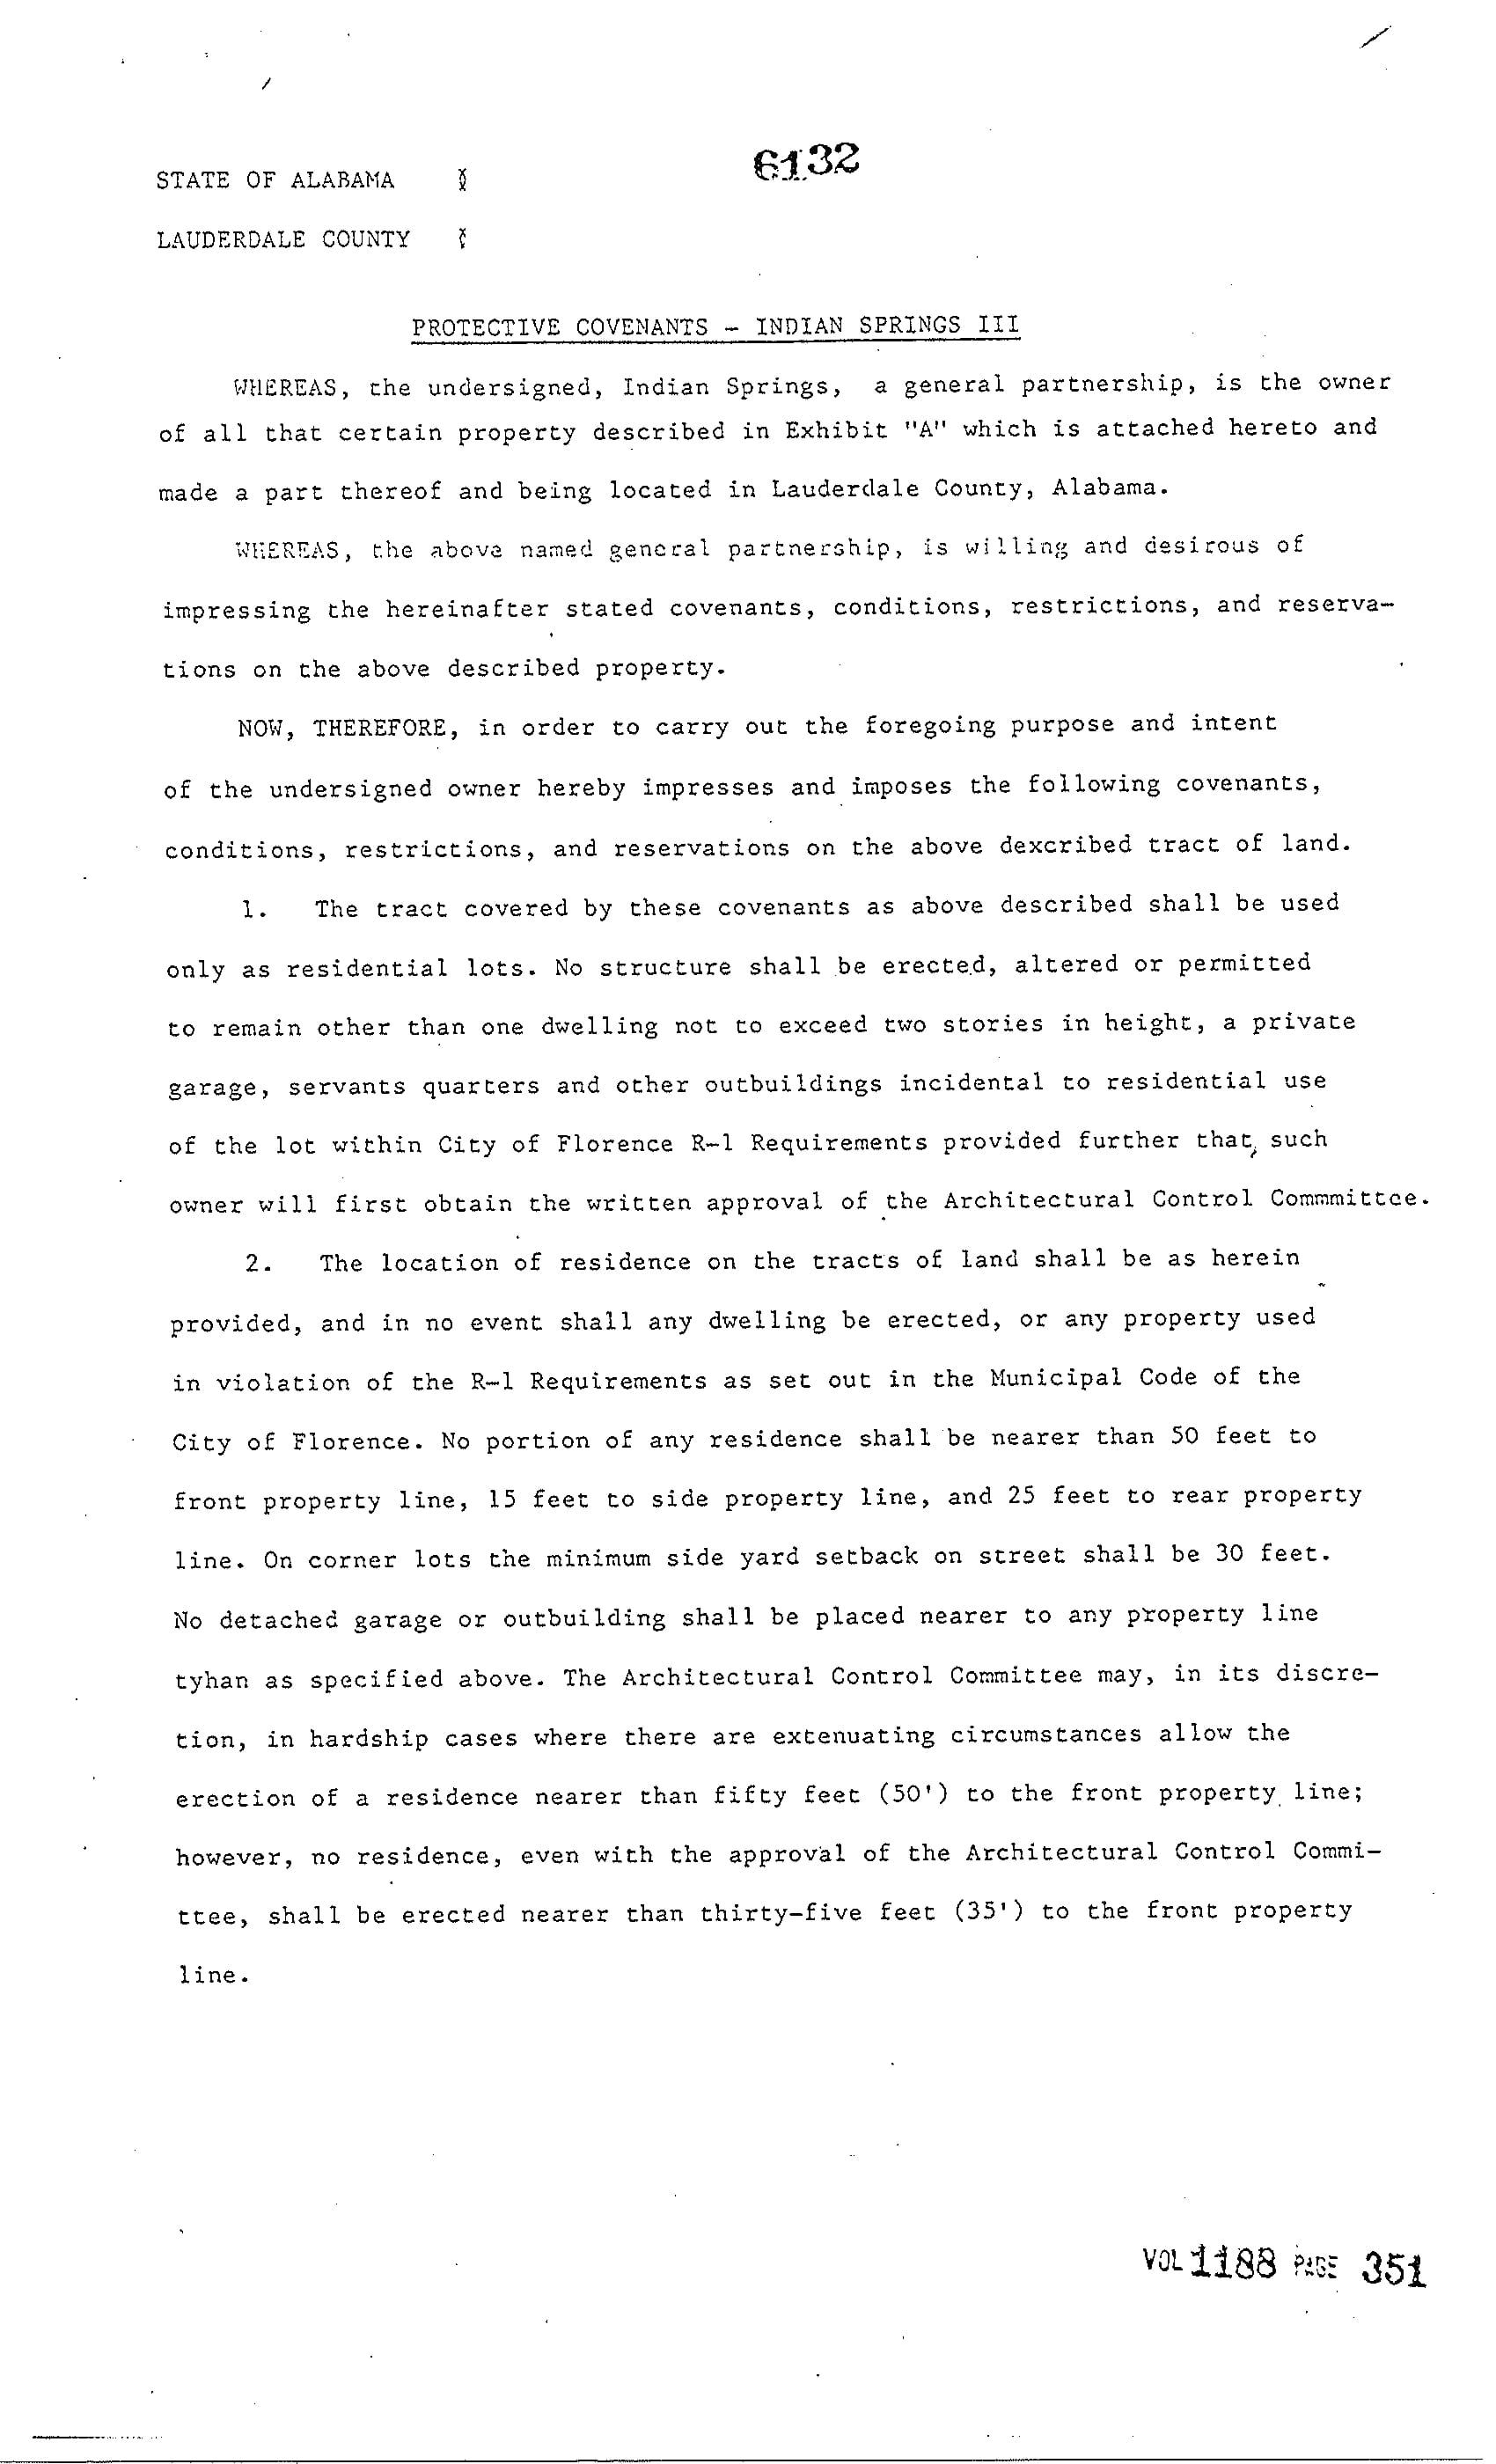 Indian Springs 3- covenants-01.jpg